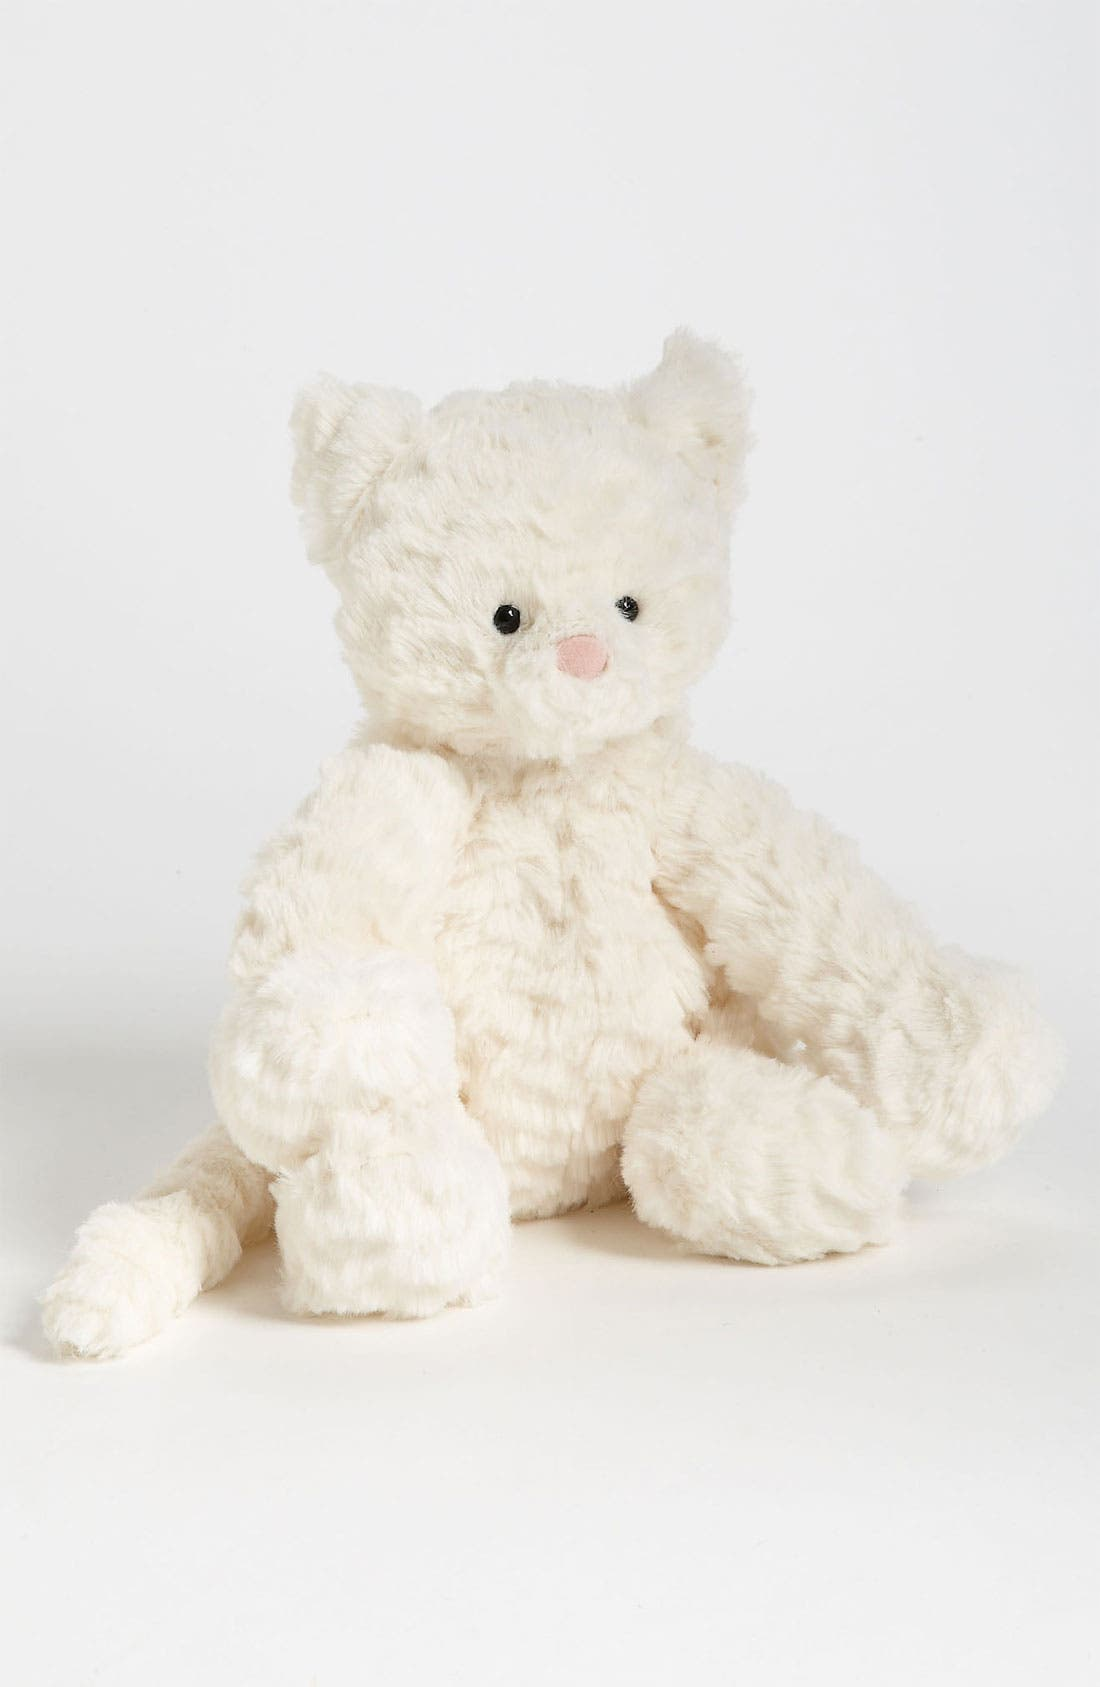 Main Image - Jellycat 'Fuddlewuddle Kitty' Stuffed Animal